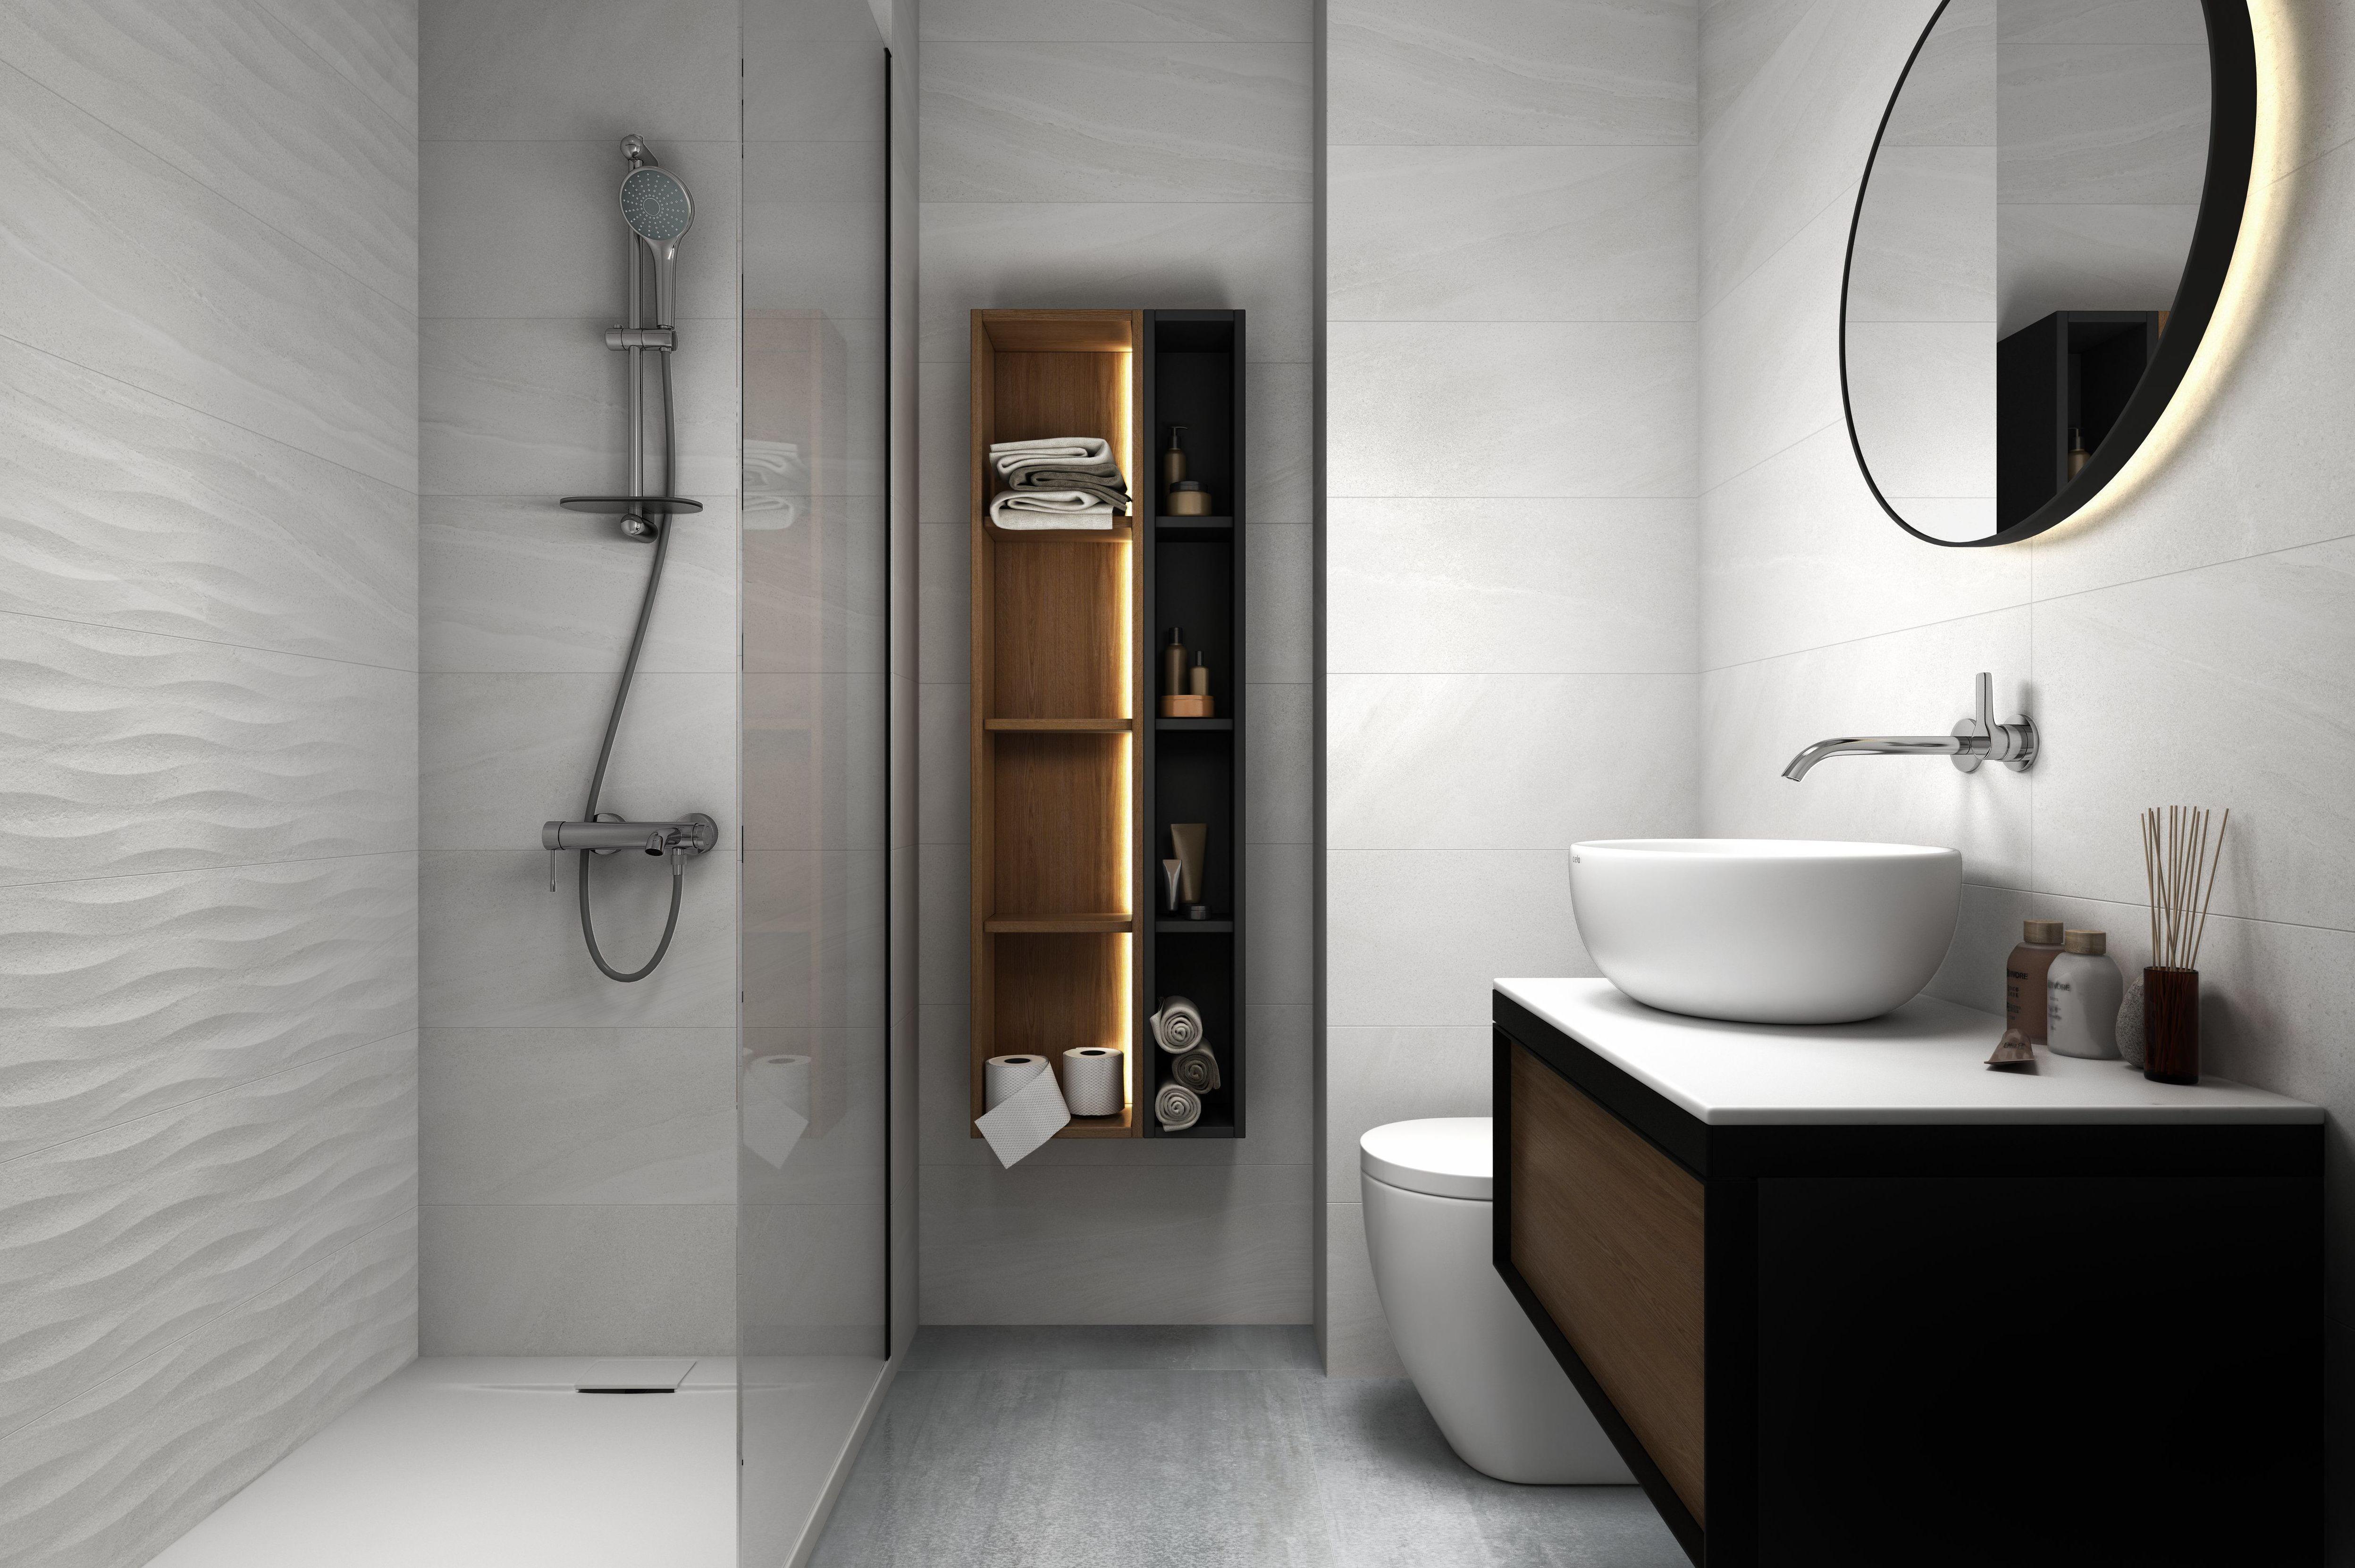 Elige el diseño de tu baño